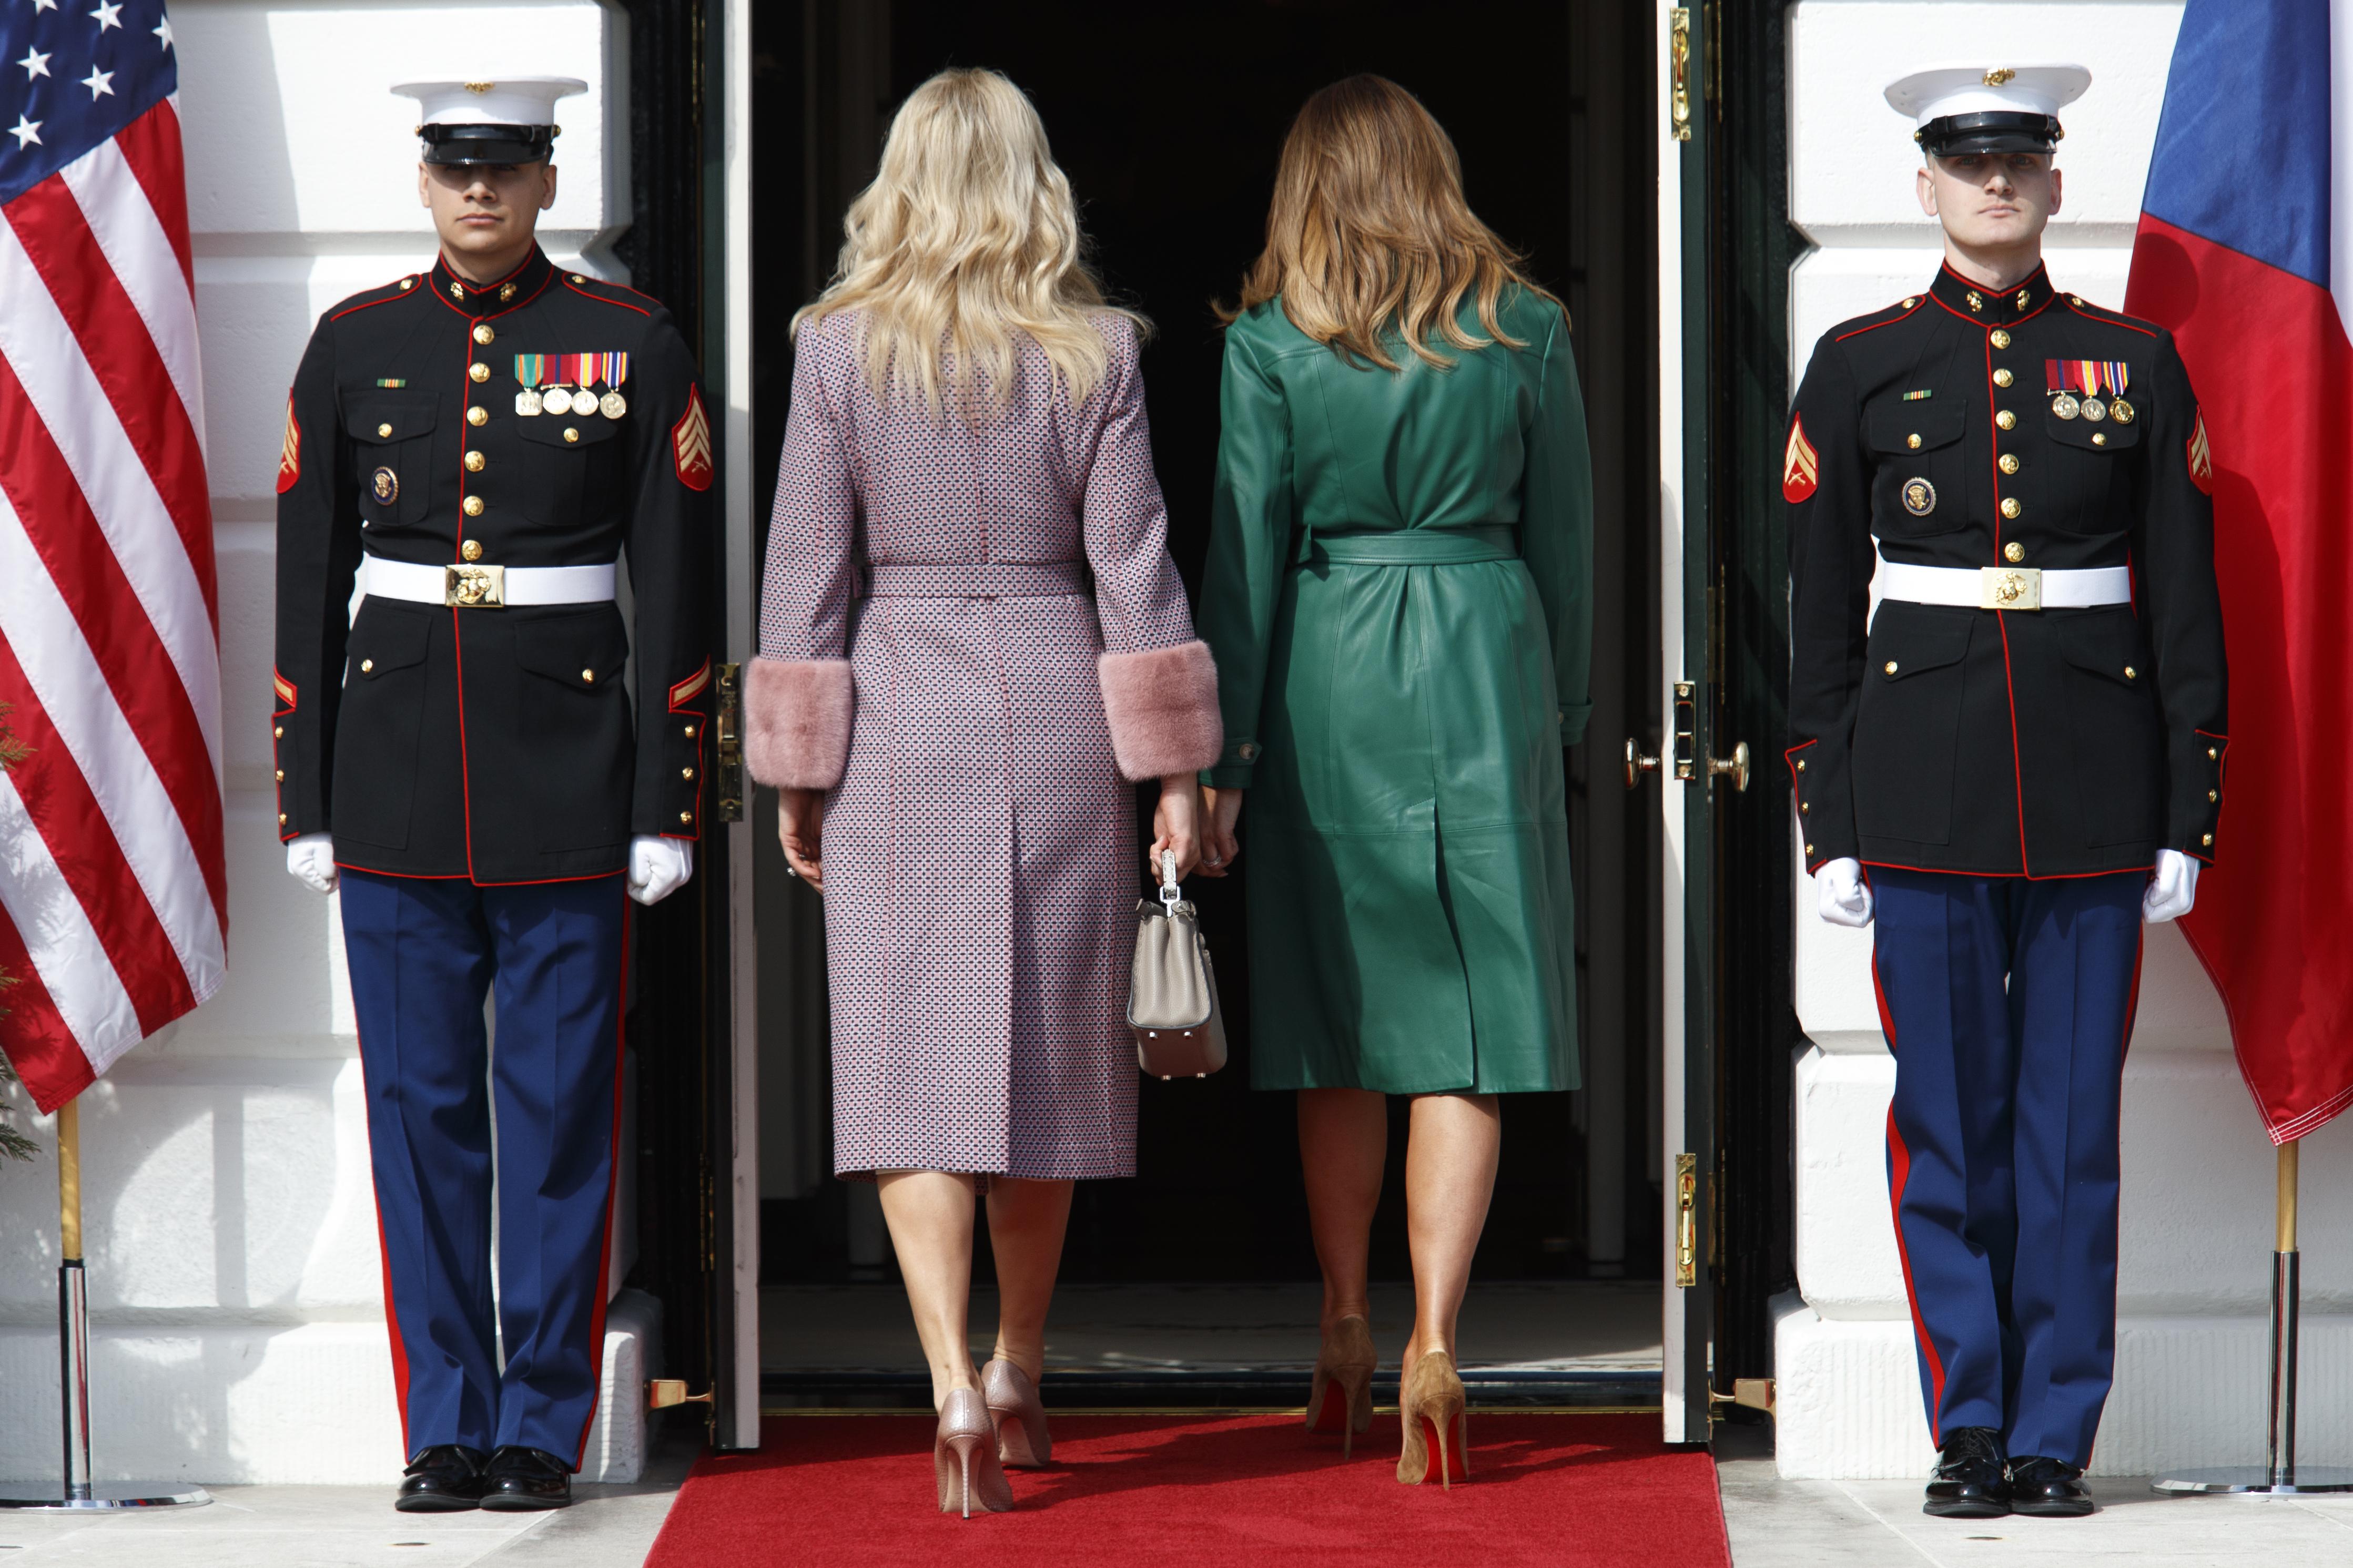 Тръмп заедно със съпругата си Мелания приветстваха за добре дошли семейство Бабиш на входа на Белия дом. Първите дами се спряха на прага за обща снимка, но политиците веднага влязоха в резиденцията.